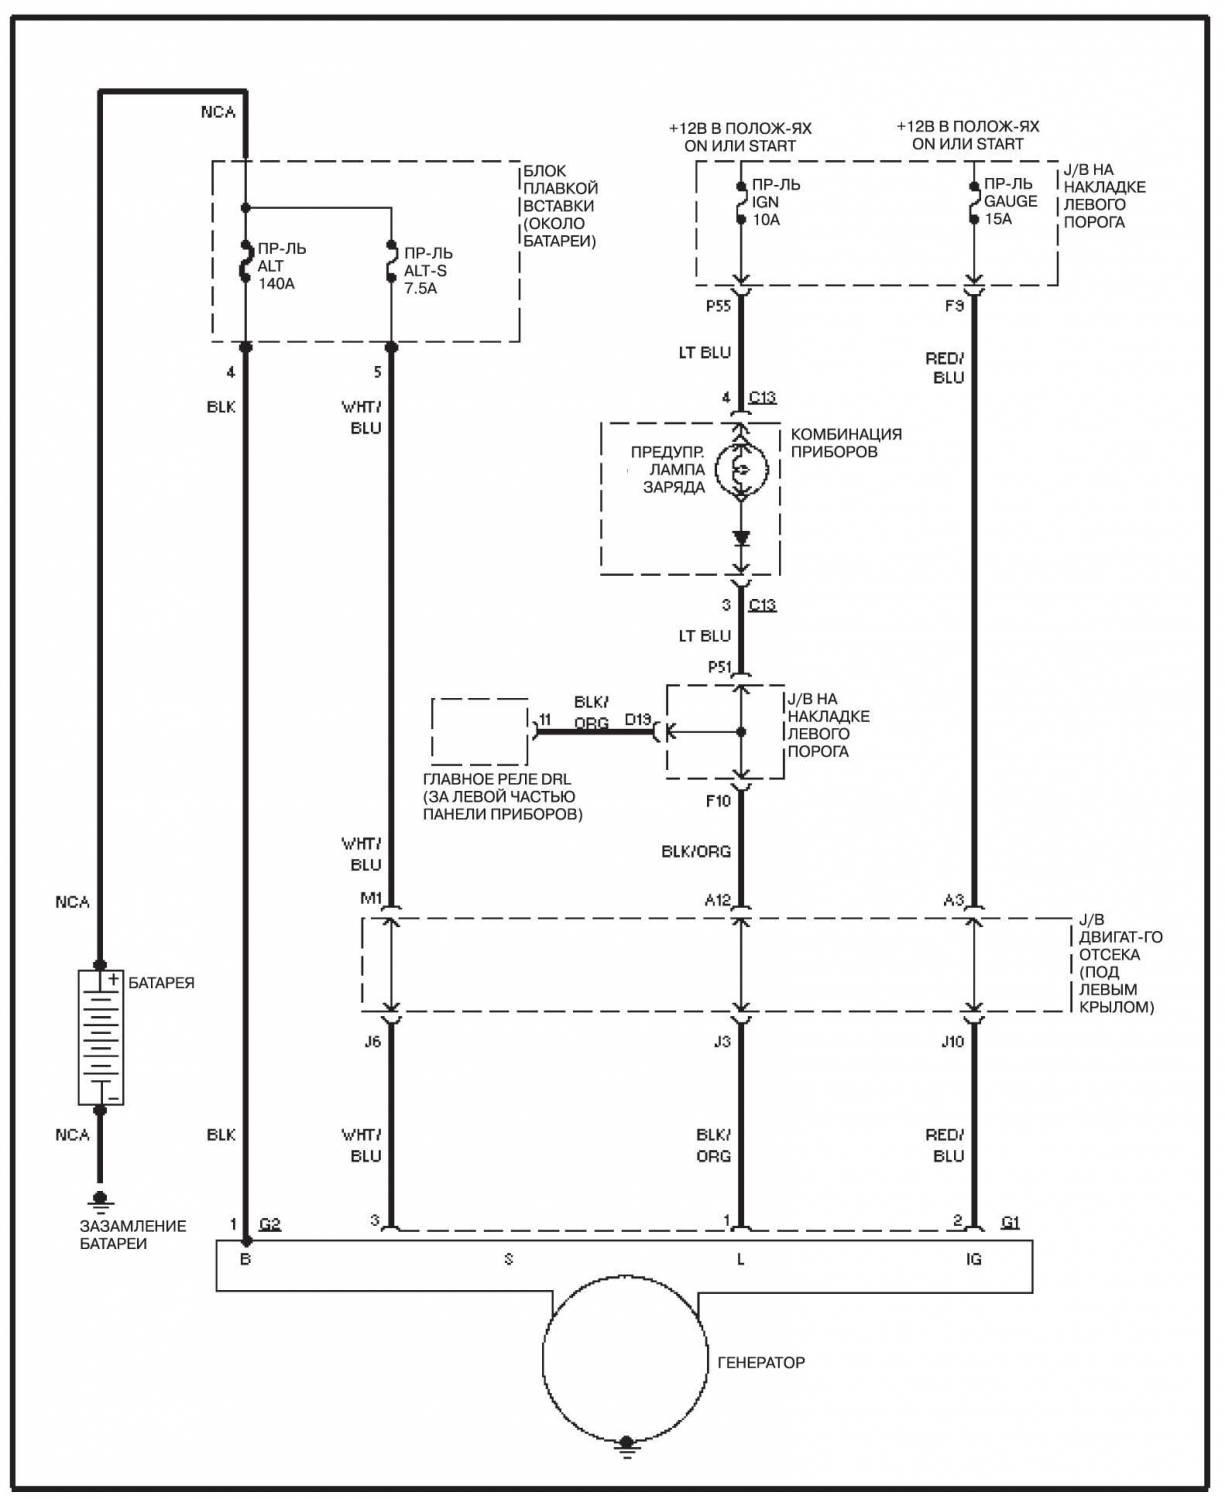 Схема системы зарядки АКБ ленд крузер 100